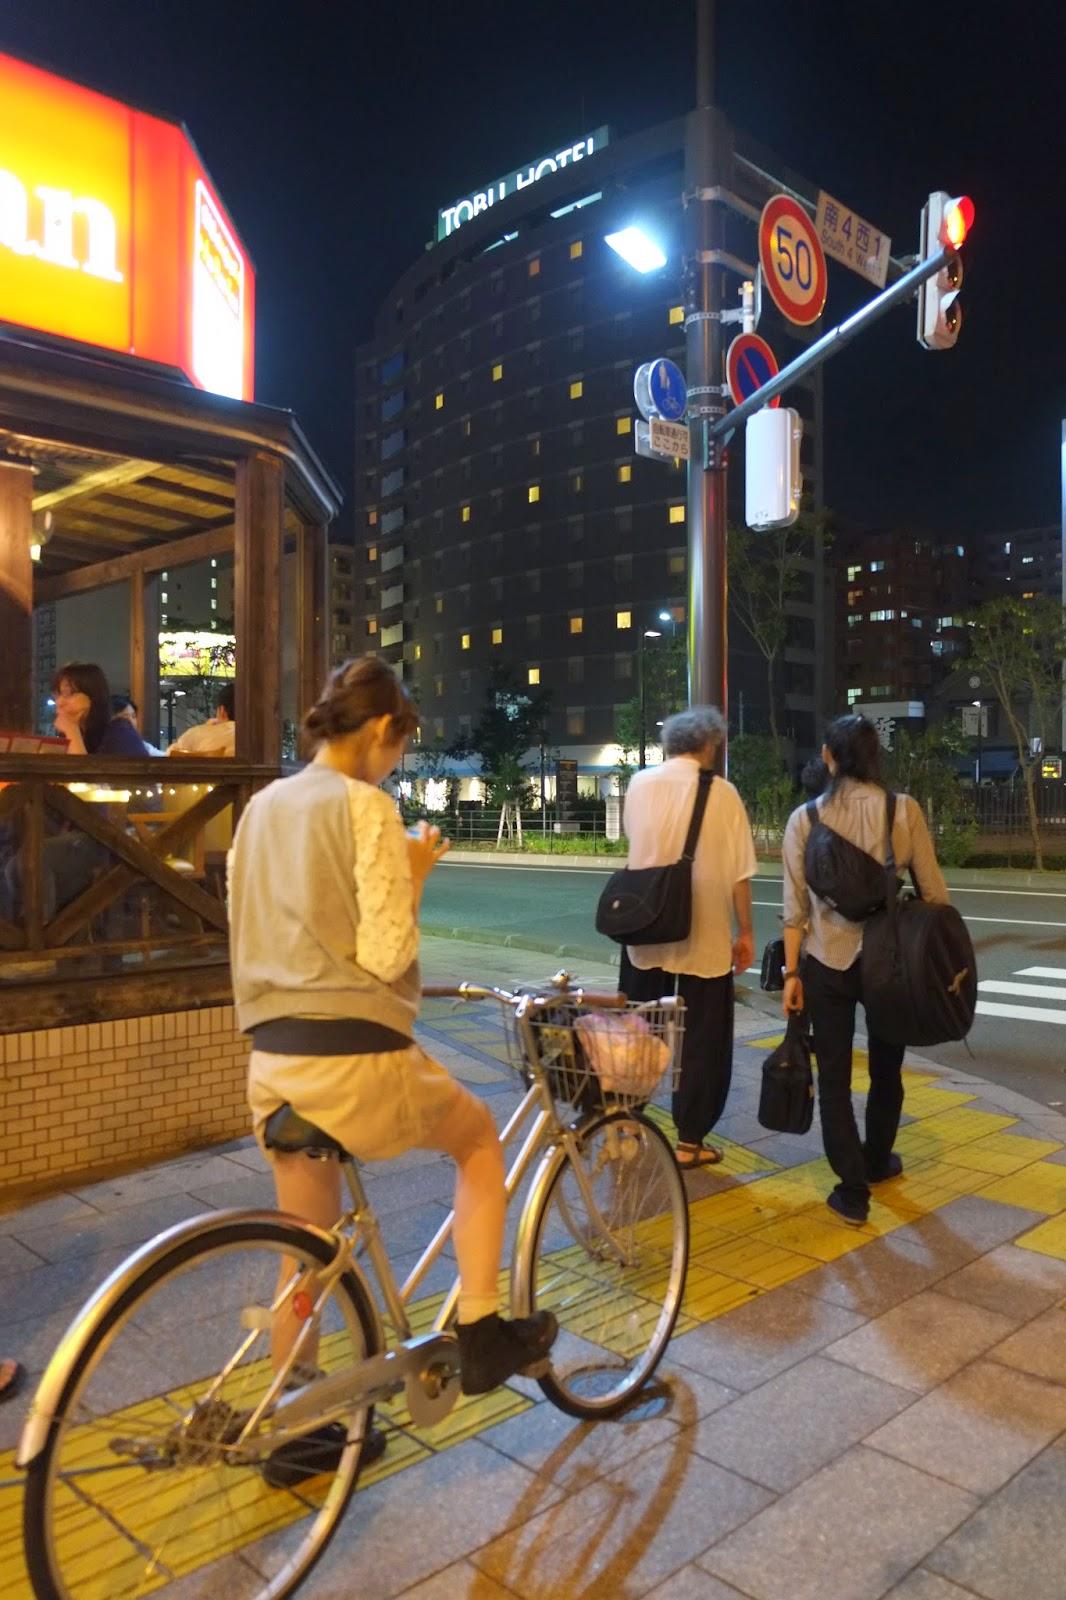 Tour Tour Japan 2014 2014 Japan Uchronie LRq354Aj